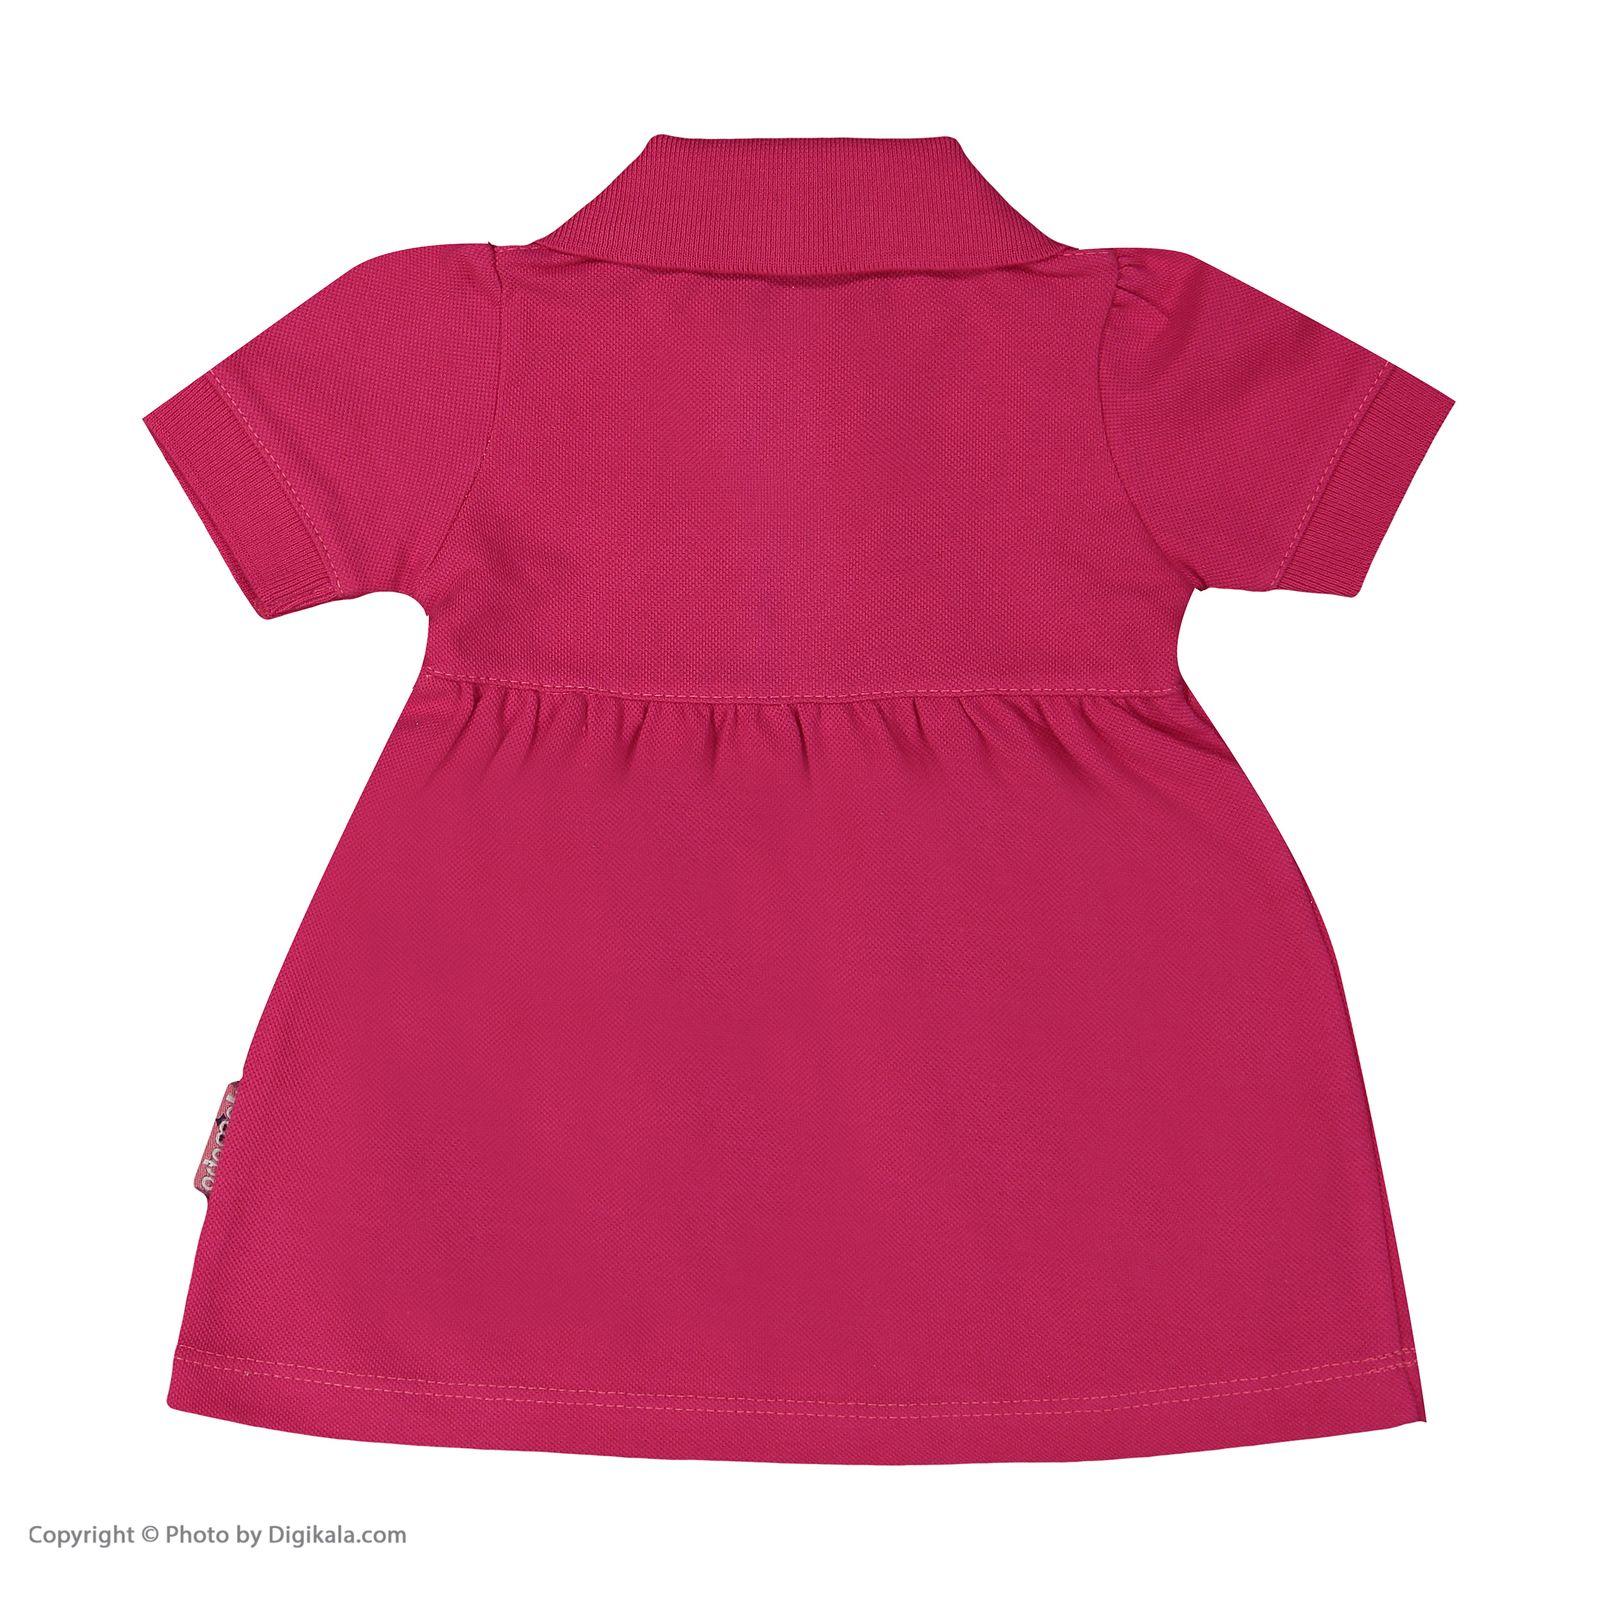 ست پیراهن و شلوارک نوزادی دخترانه آدمک مدل 2171109-88 -  - 5